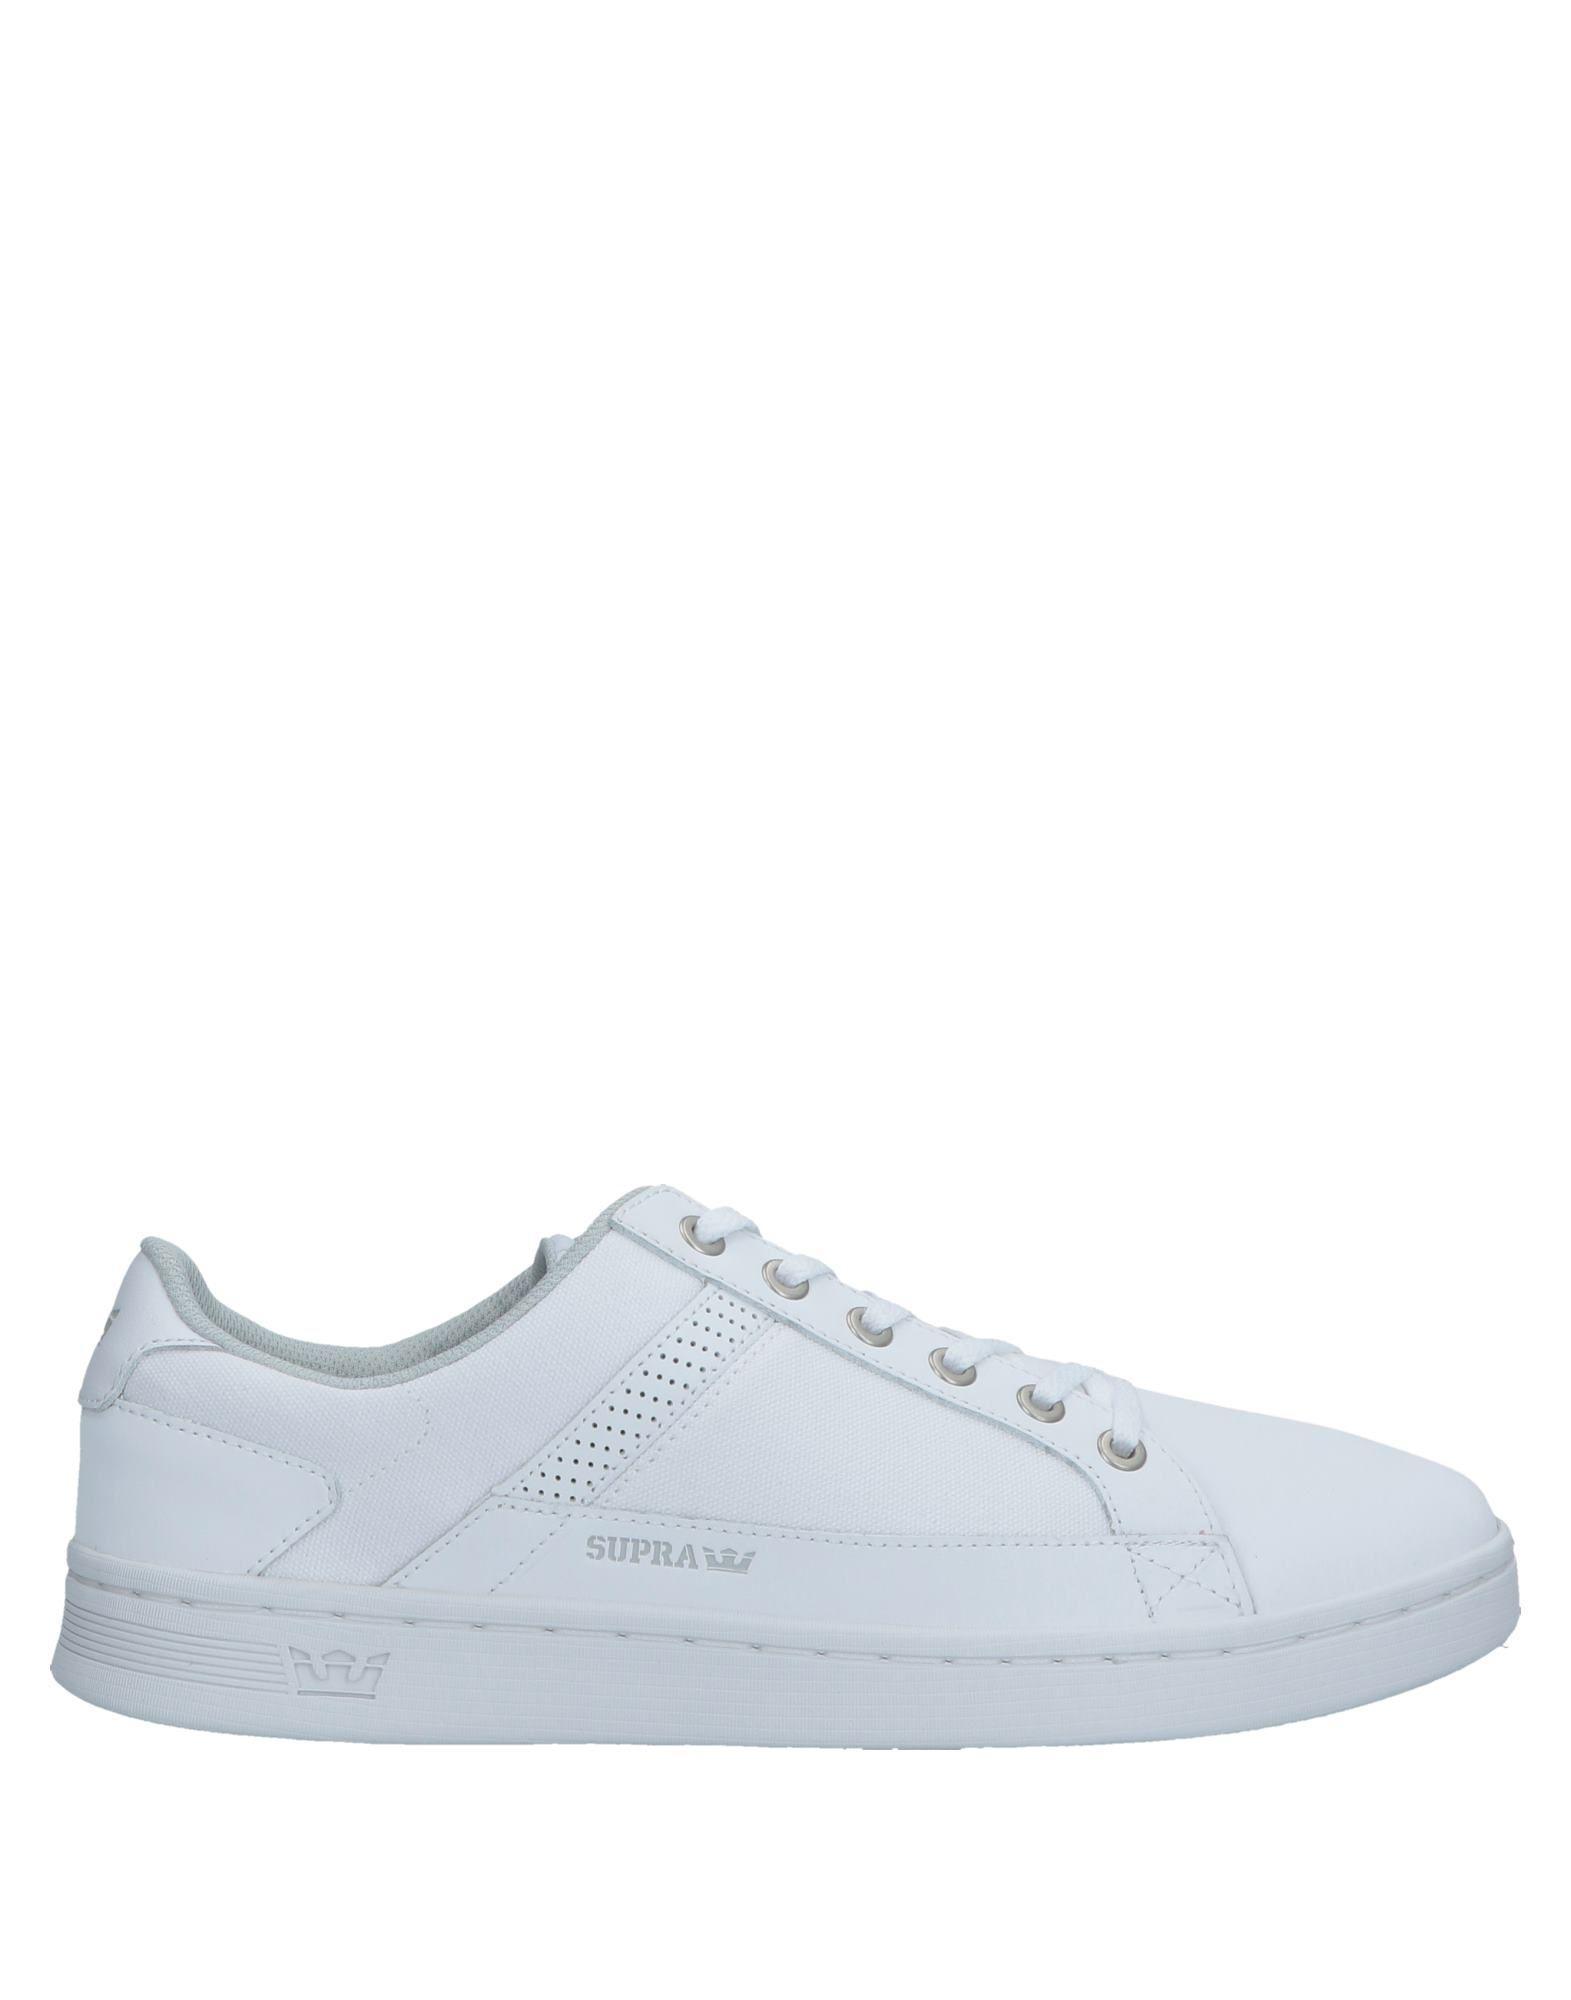 bf209377d4 Supra - White Low-tops & Sneakers for Men - Lyst. View fullscreen